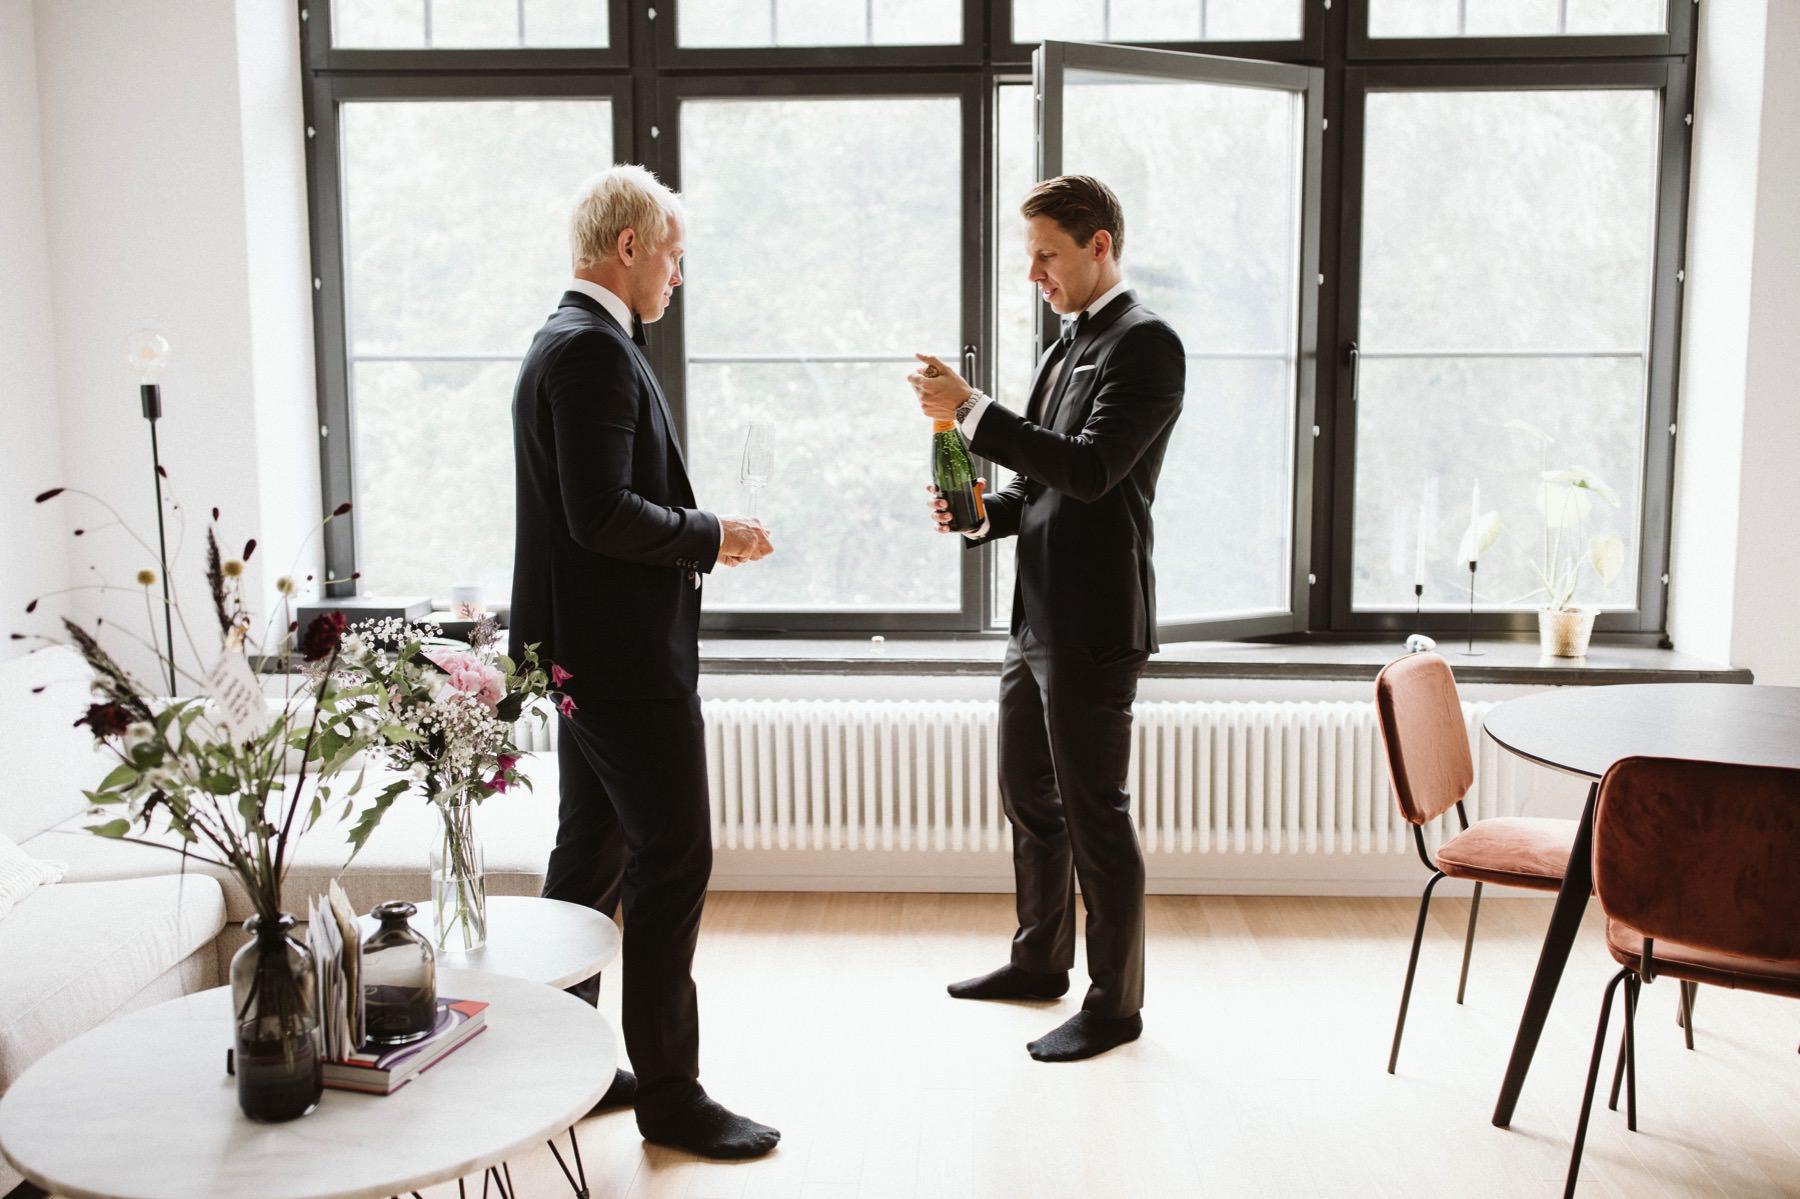 Swedish groom getting ready